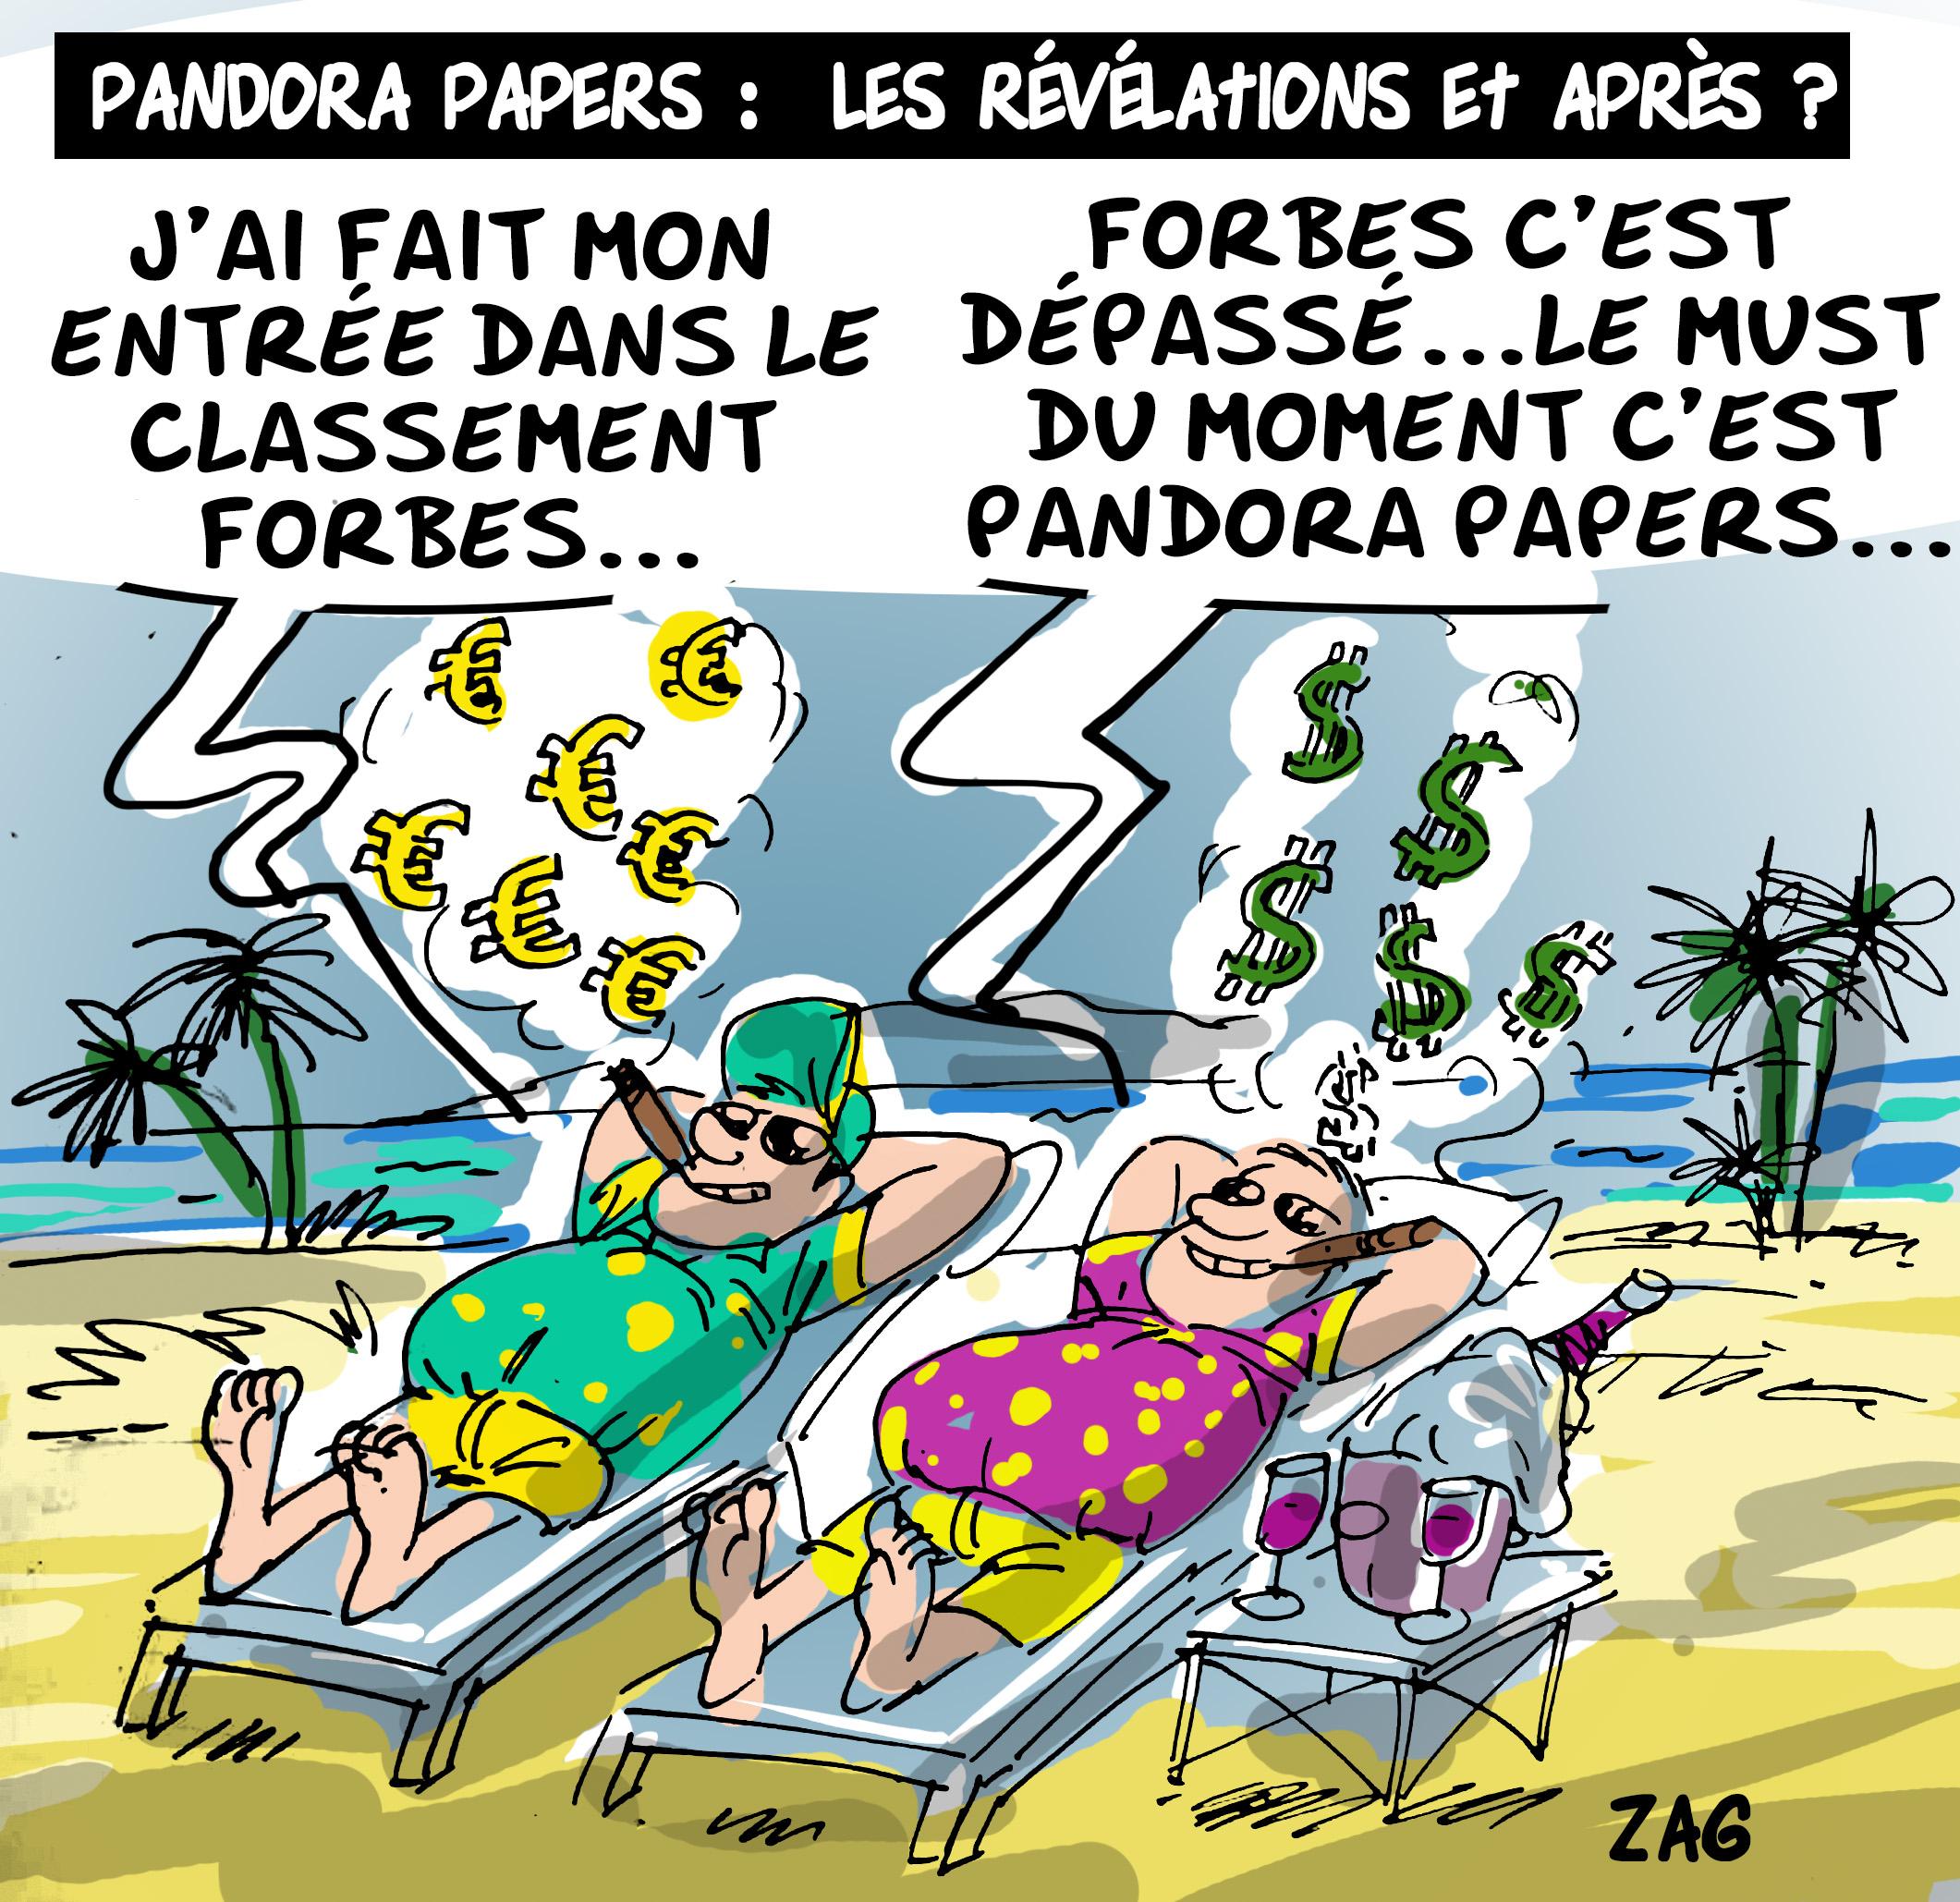 Pandora papers : Les révélations et après ?